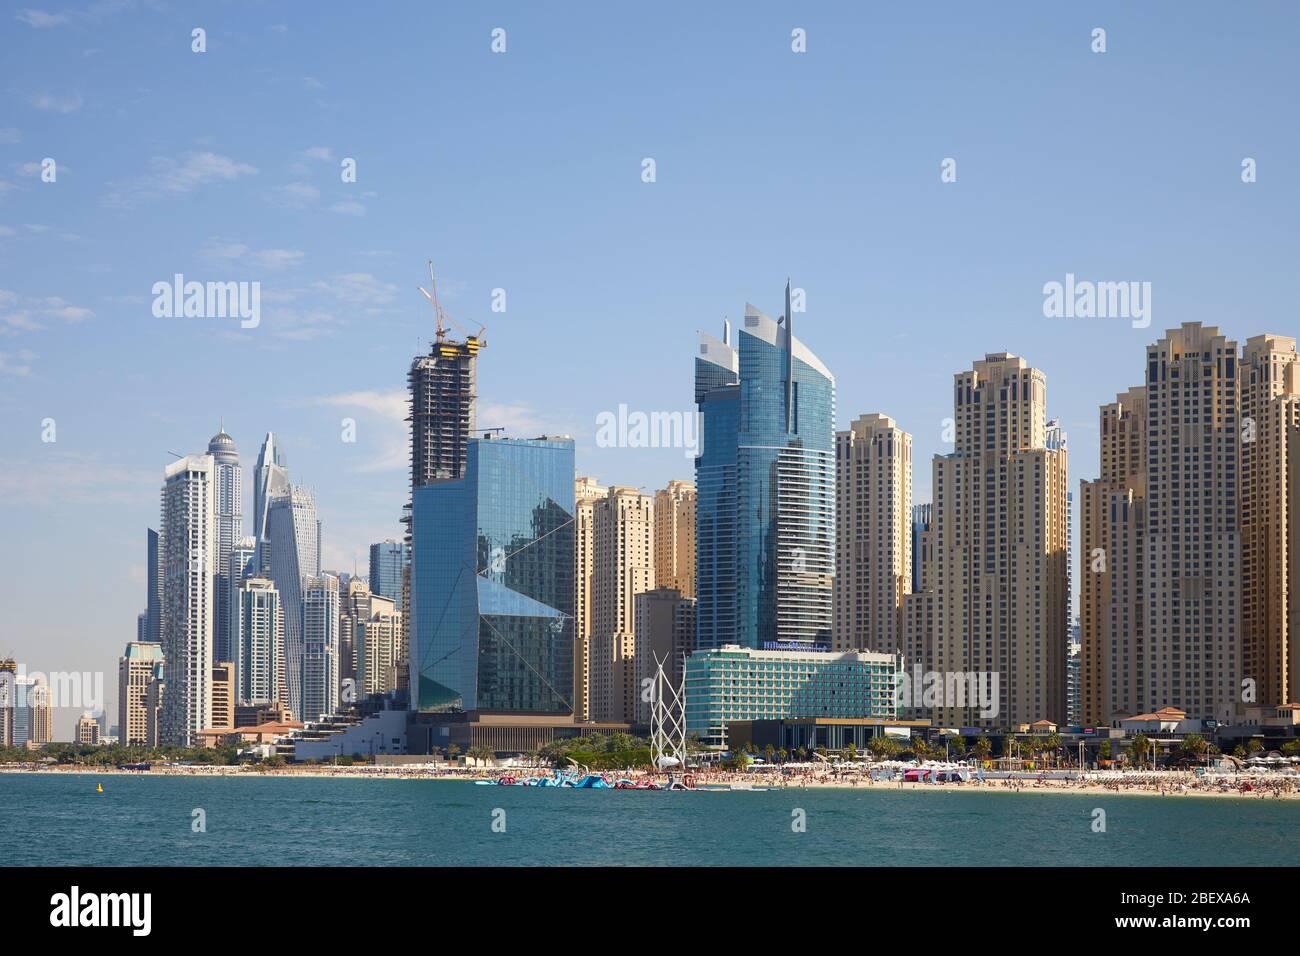 DUBAÏ, EMIRATS ARABES UNIS - 23 NOVEMBRE 2019 : plage de Marina de Dubaï avec gratte-ciel en journée ensoleillée, ciel bleu clair à Dubaï Banque D'Images